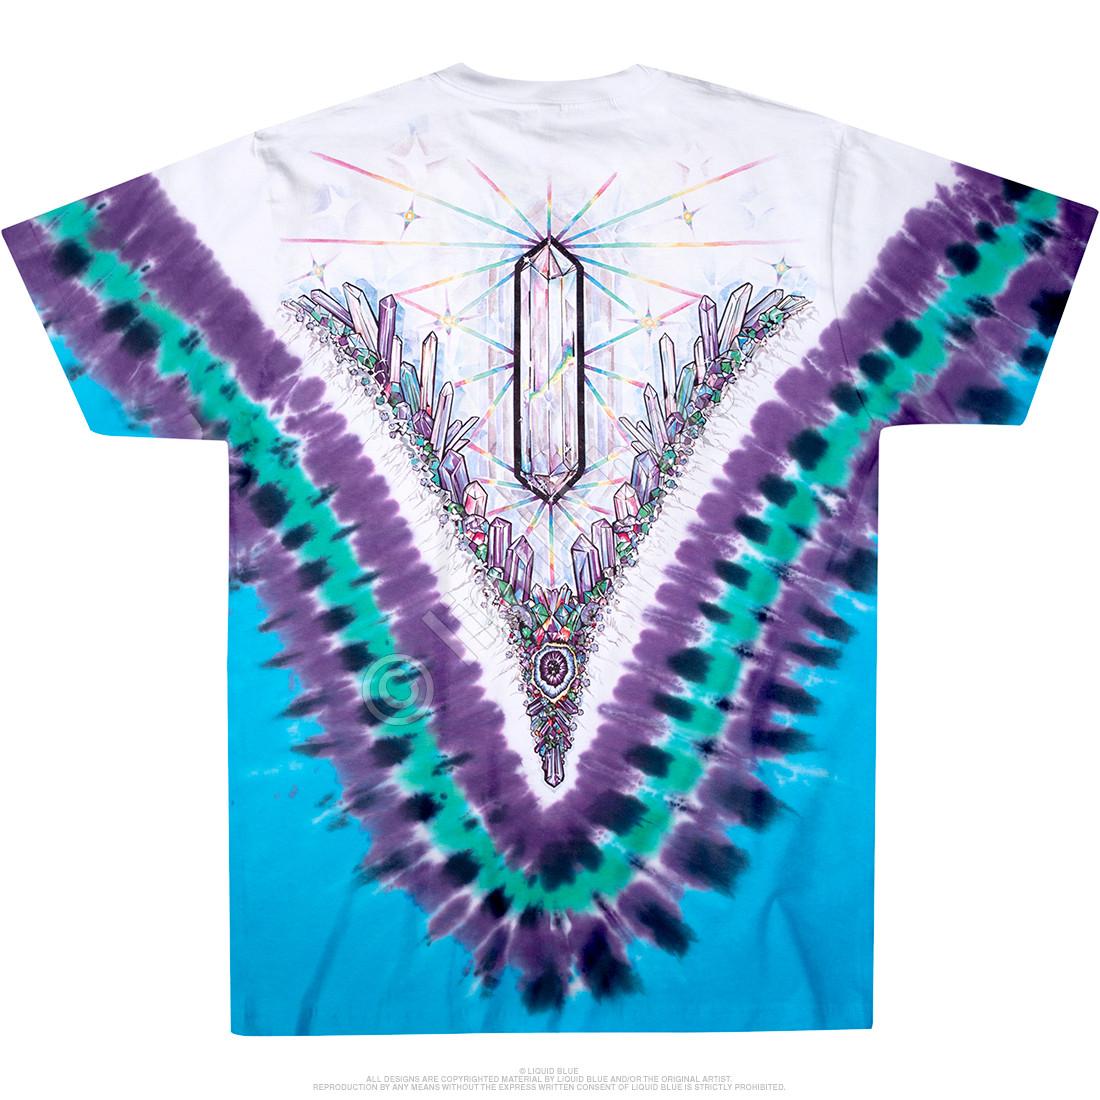 Crystal Top Tie-Dye T-Shirt